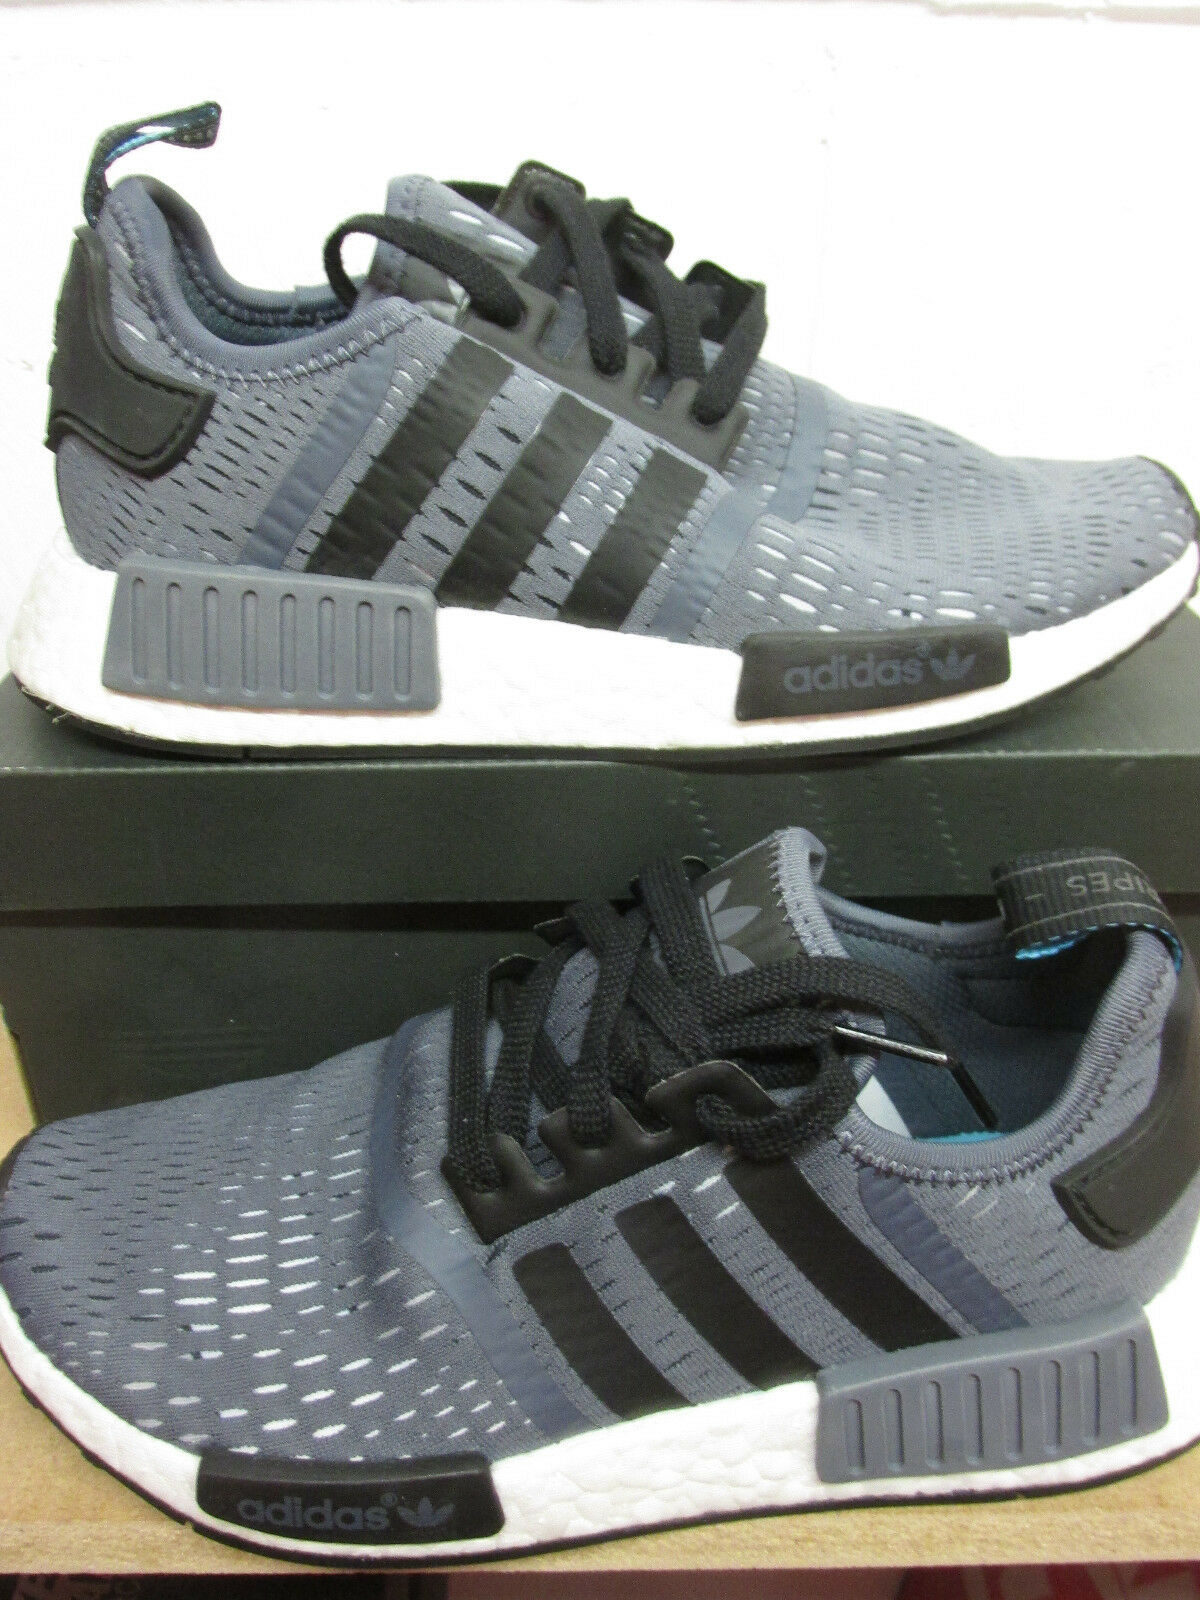 Adidas R1 Originals Nmd R1 Adidas Zapatillas Hombre BB1358 Zapatillas a583a7